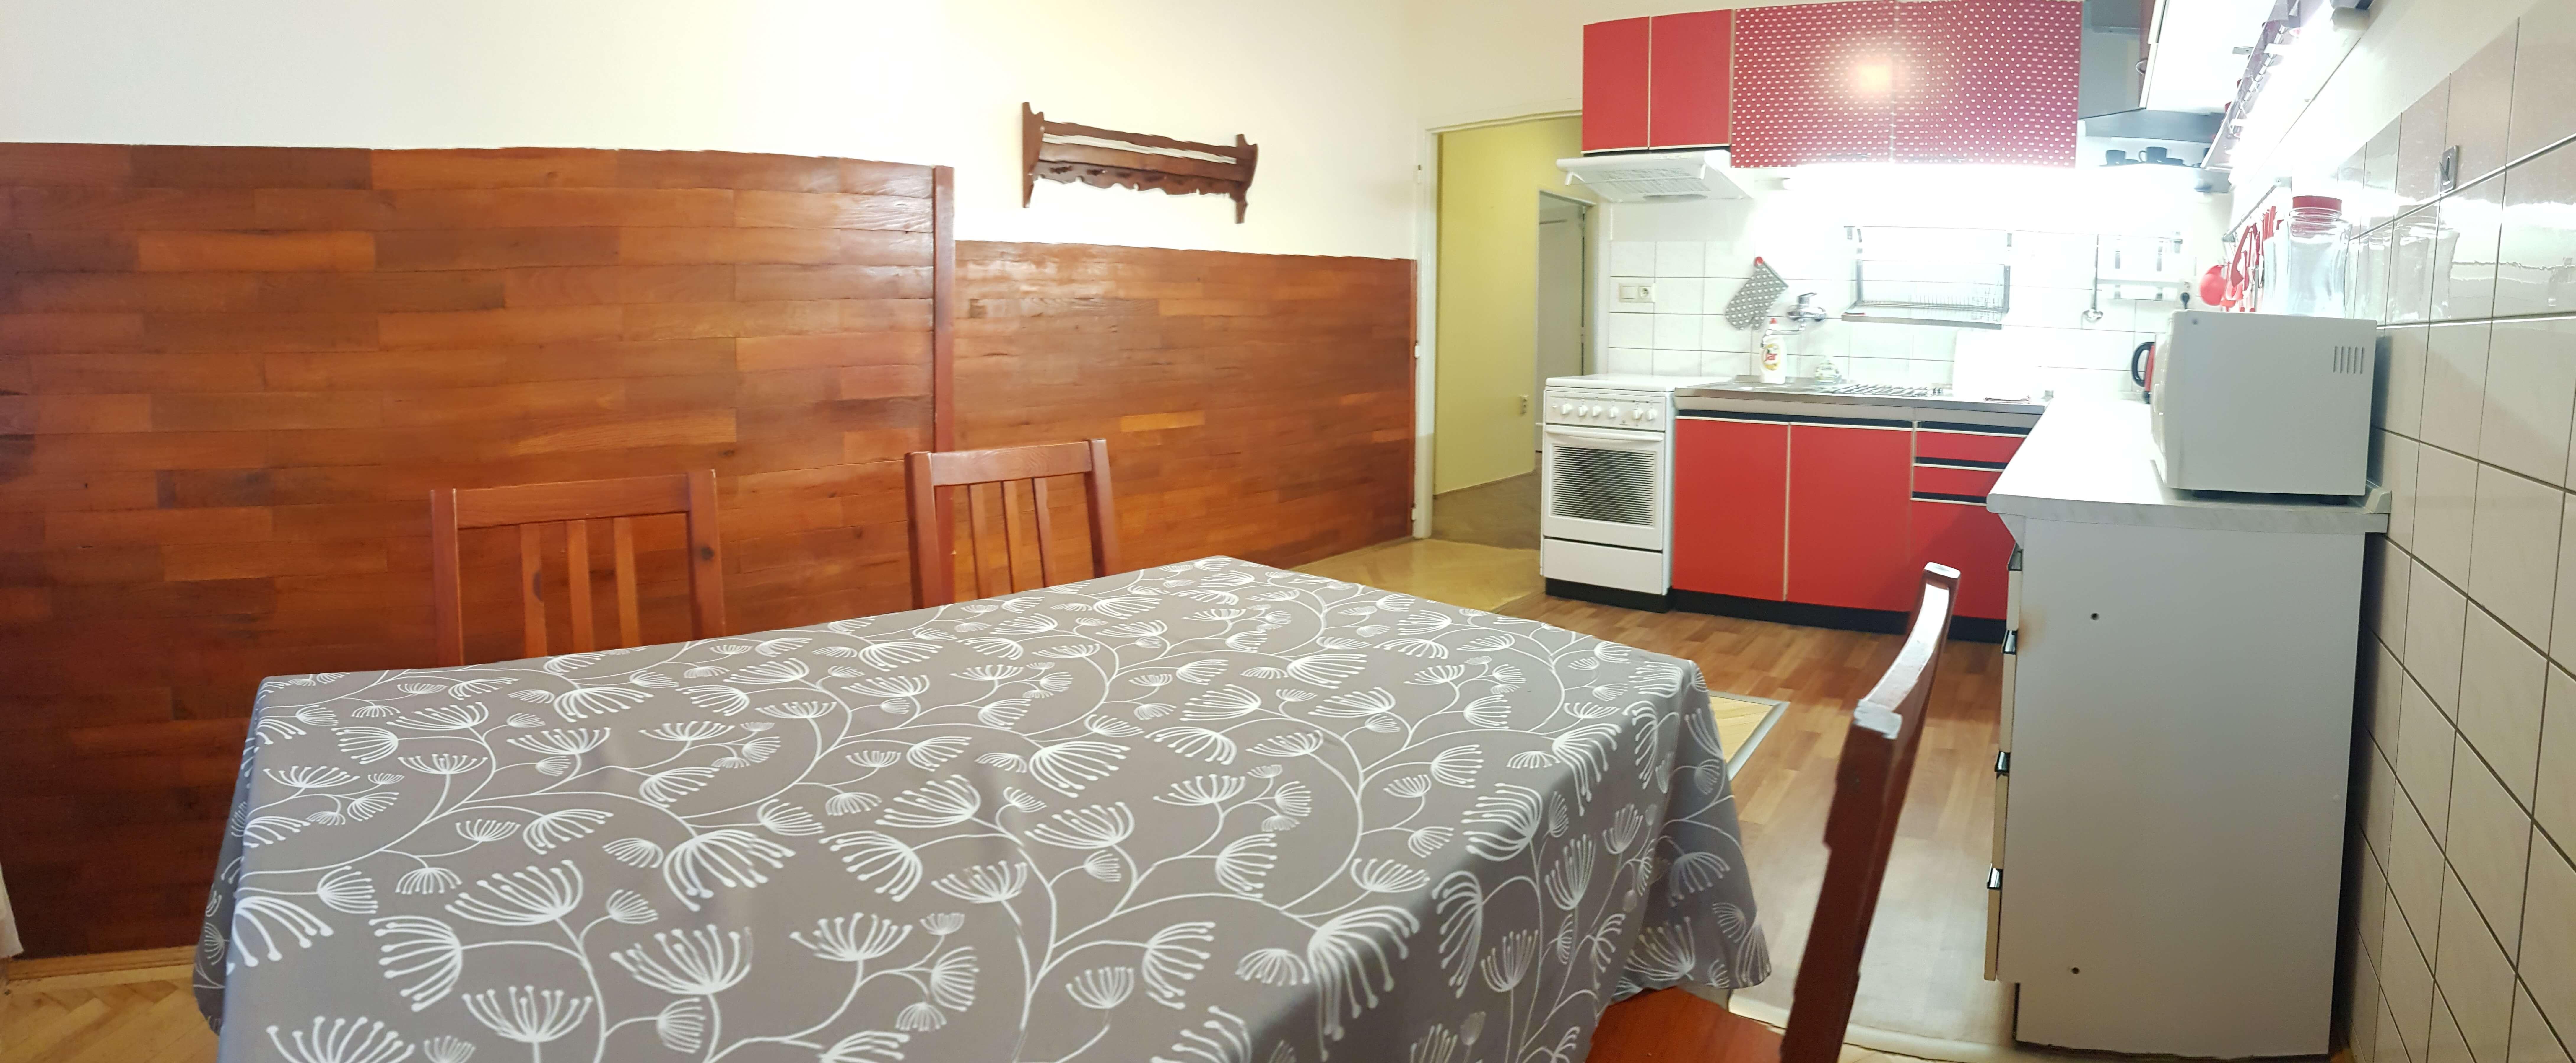 Prenájom jednej izby v 2 izb. byte, staré mesto, Šancová ulica, Bratislava, 80m2, zariadený-17